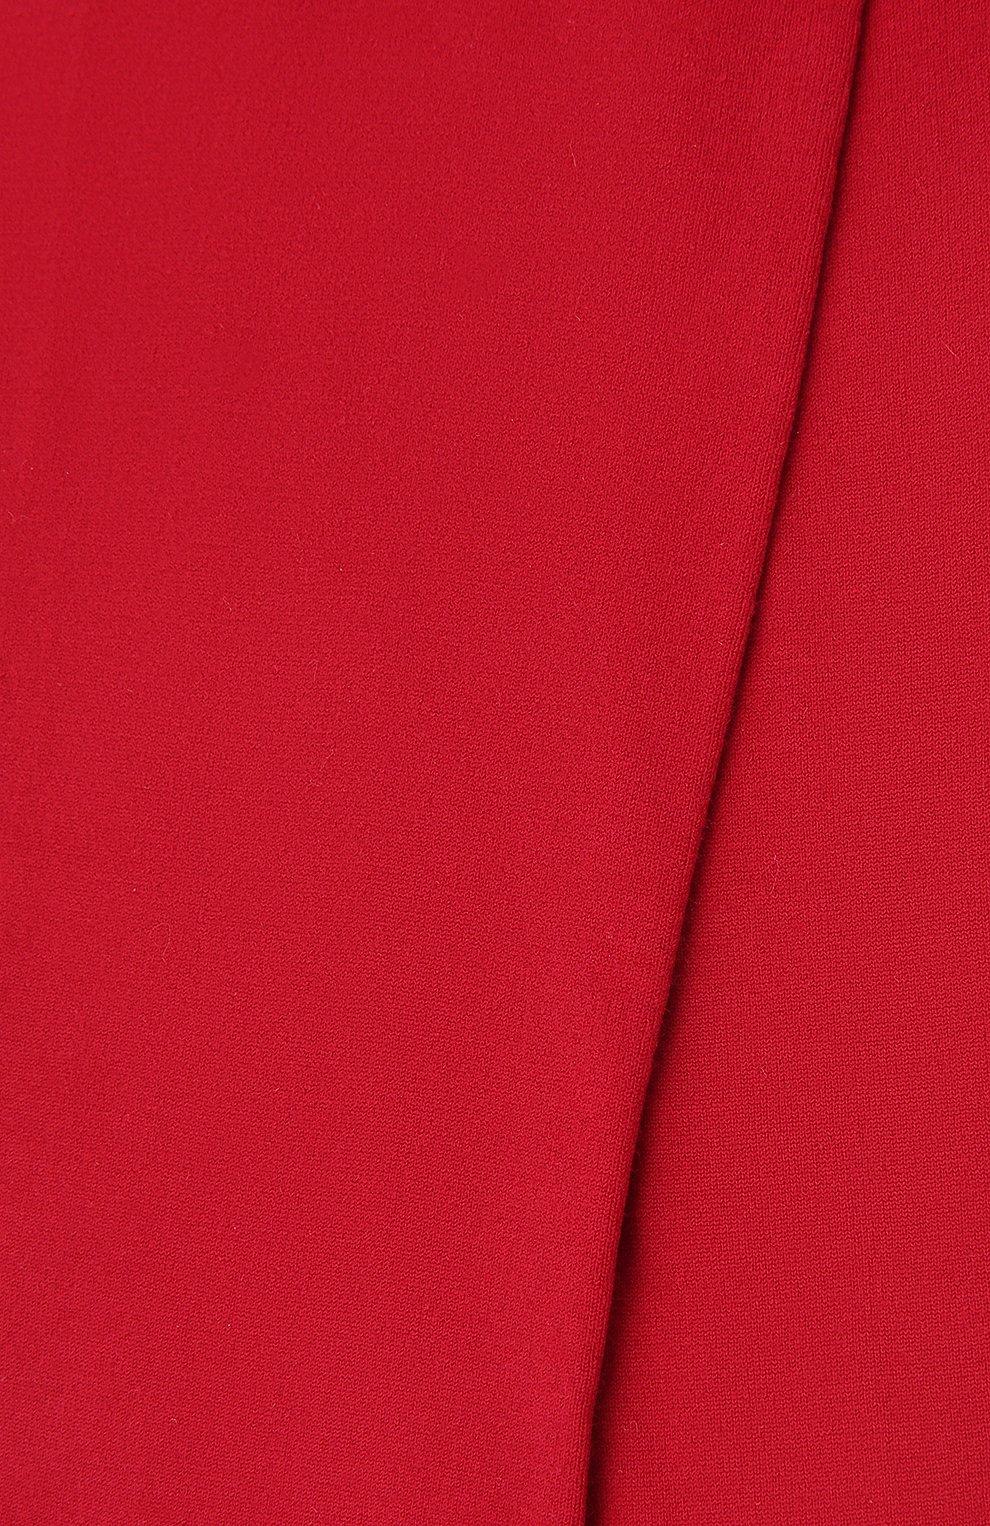 Детские колготки cotton touch FALKE бордового цвета, арт. 13870 | Фото 2